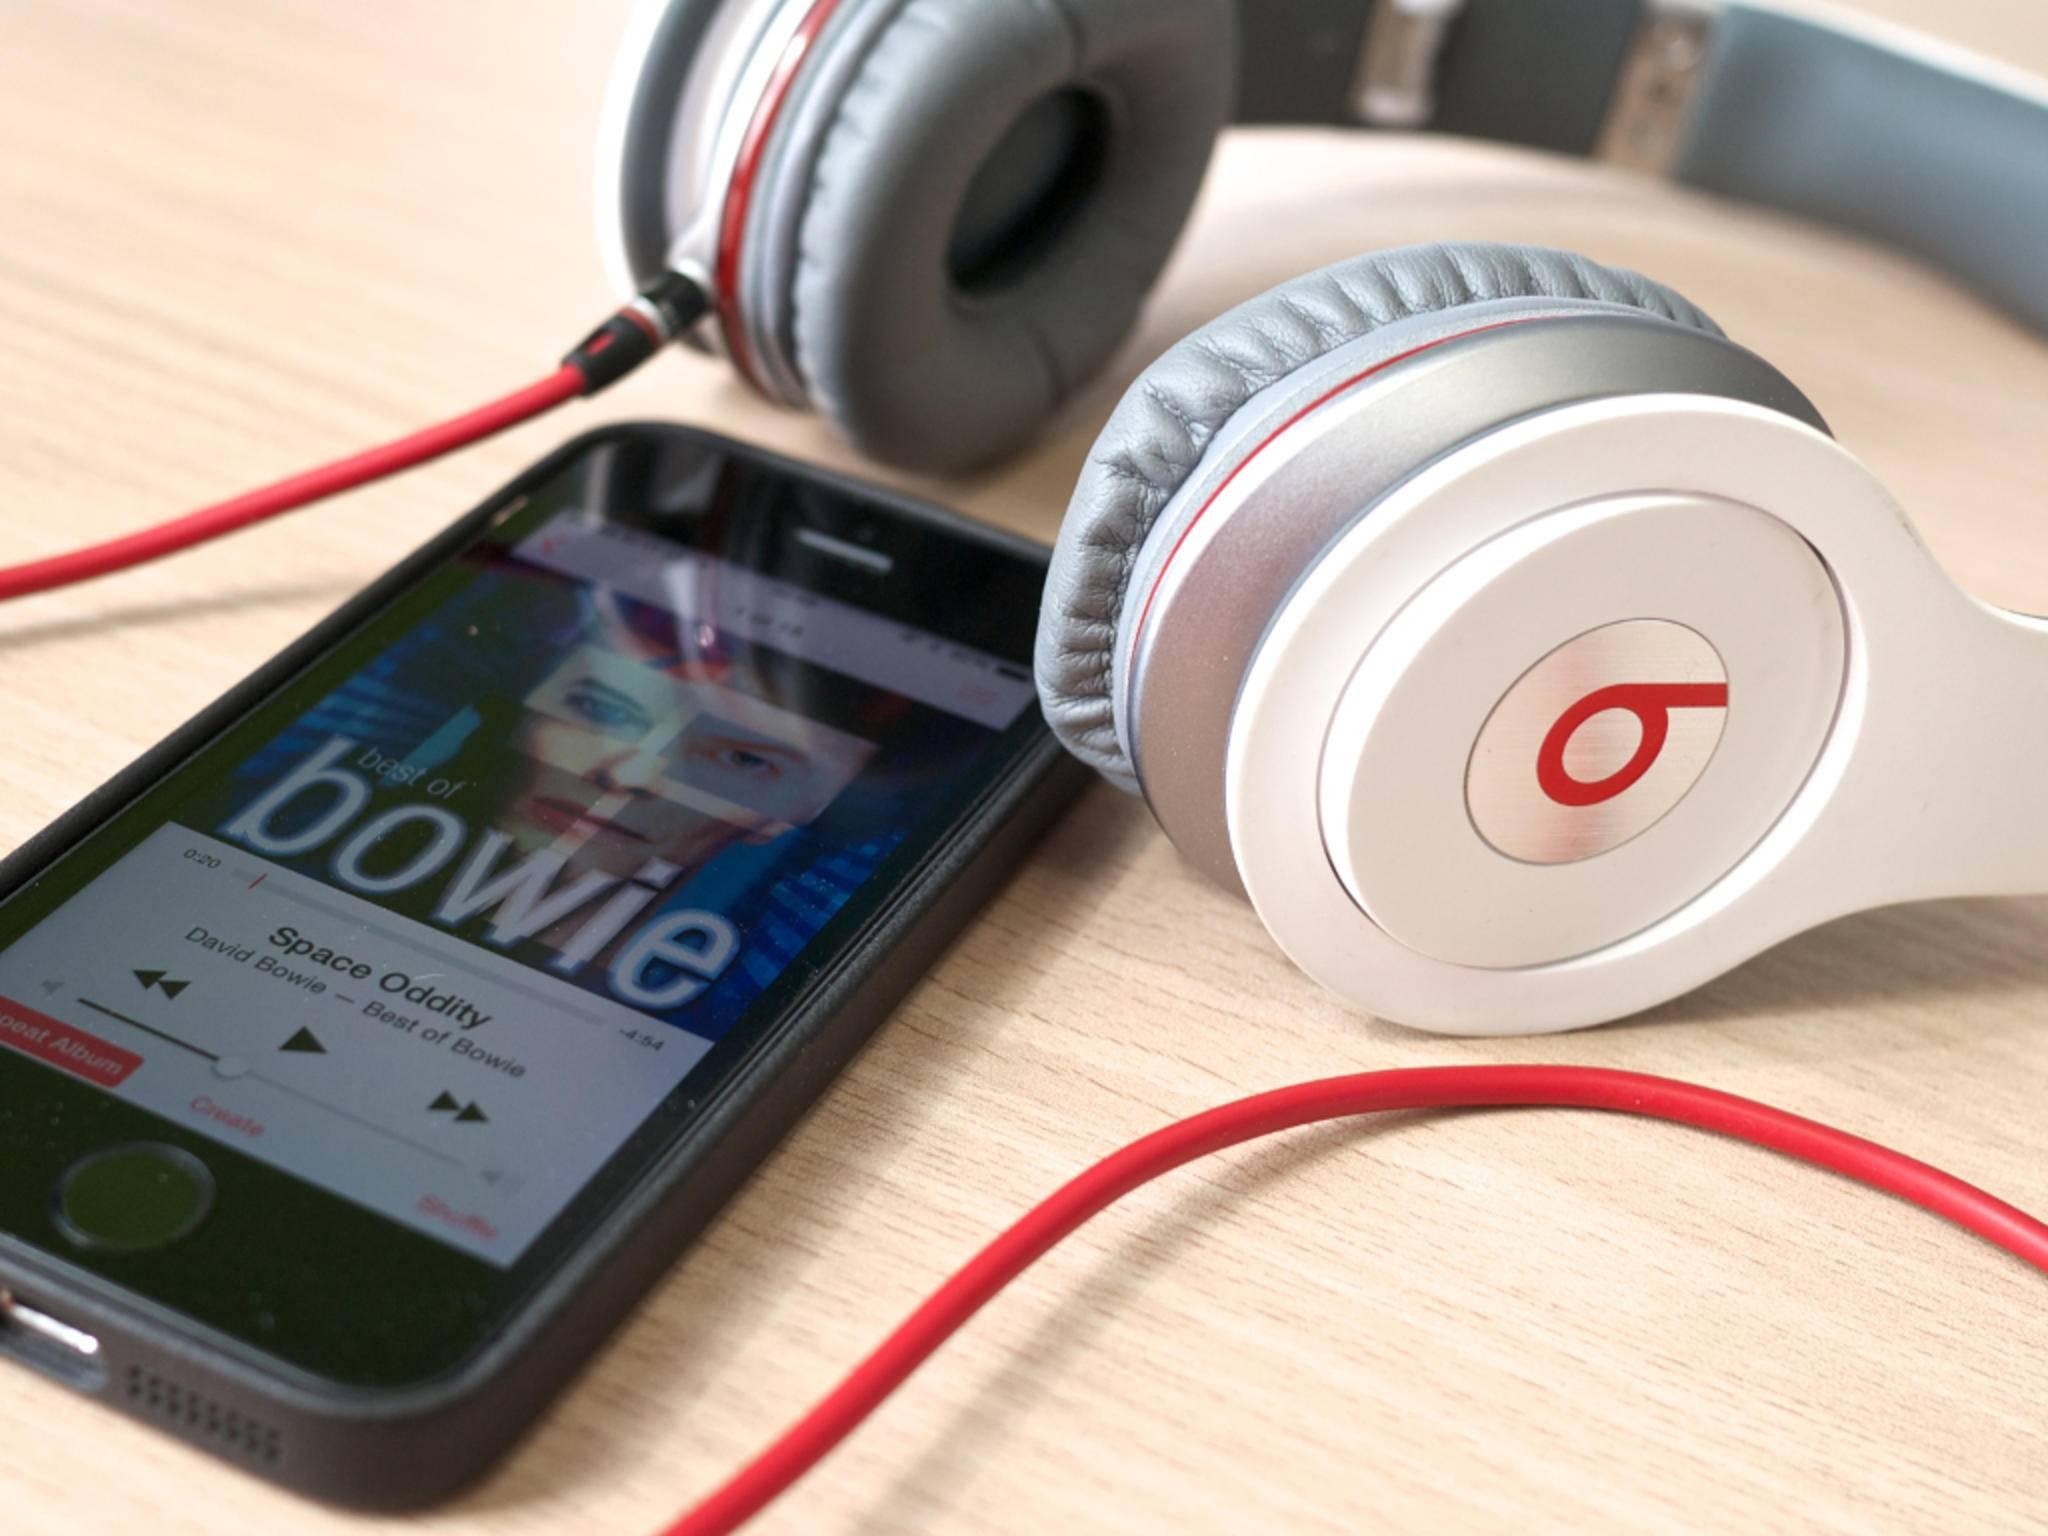 Der britische Radio-DJ Zane Lowe könnte demnächst auf Beats Music zu hören sein.